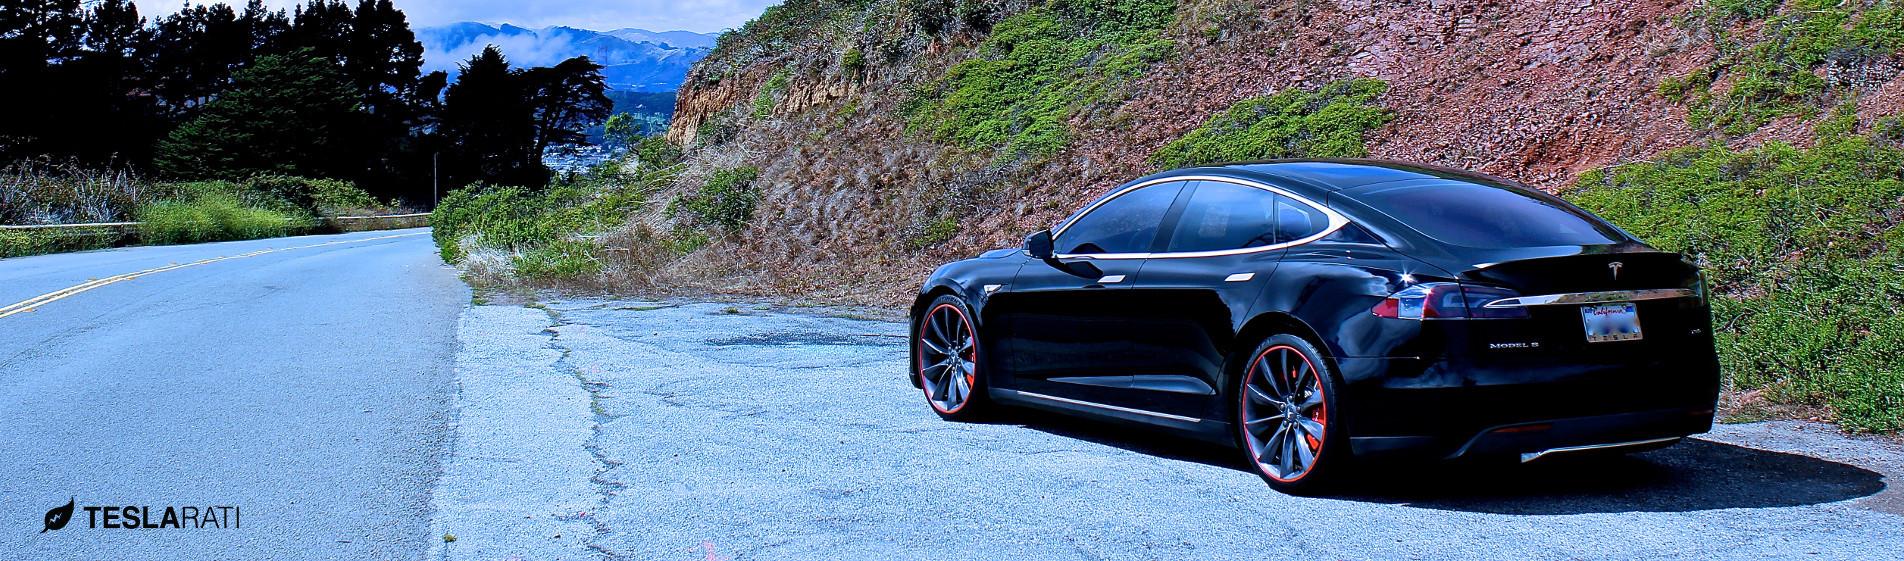 Tesla-Model-S-San-Francisco-Peaks-Skinny